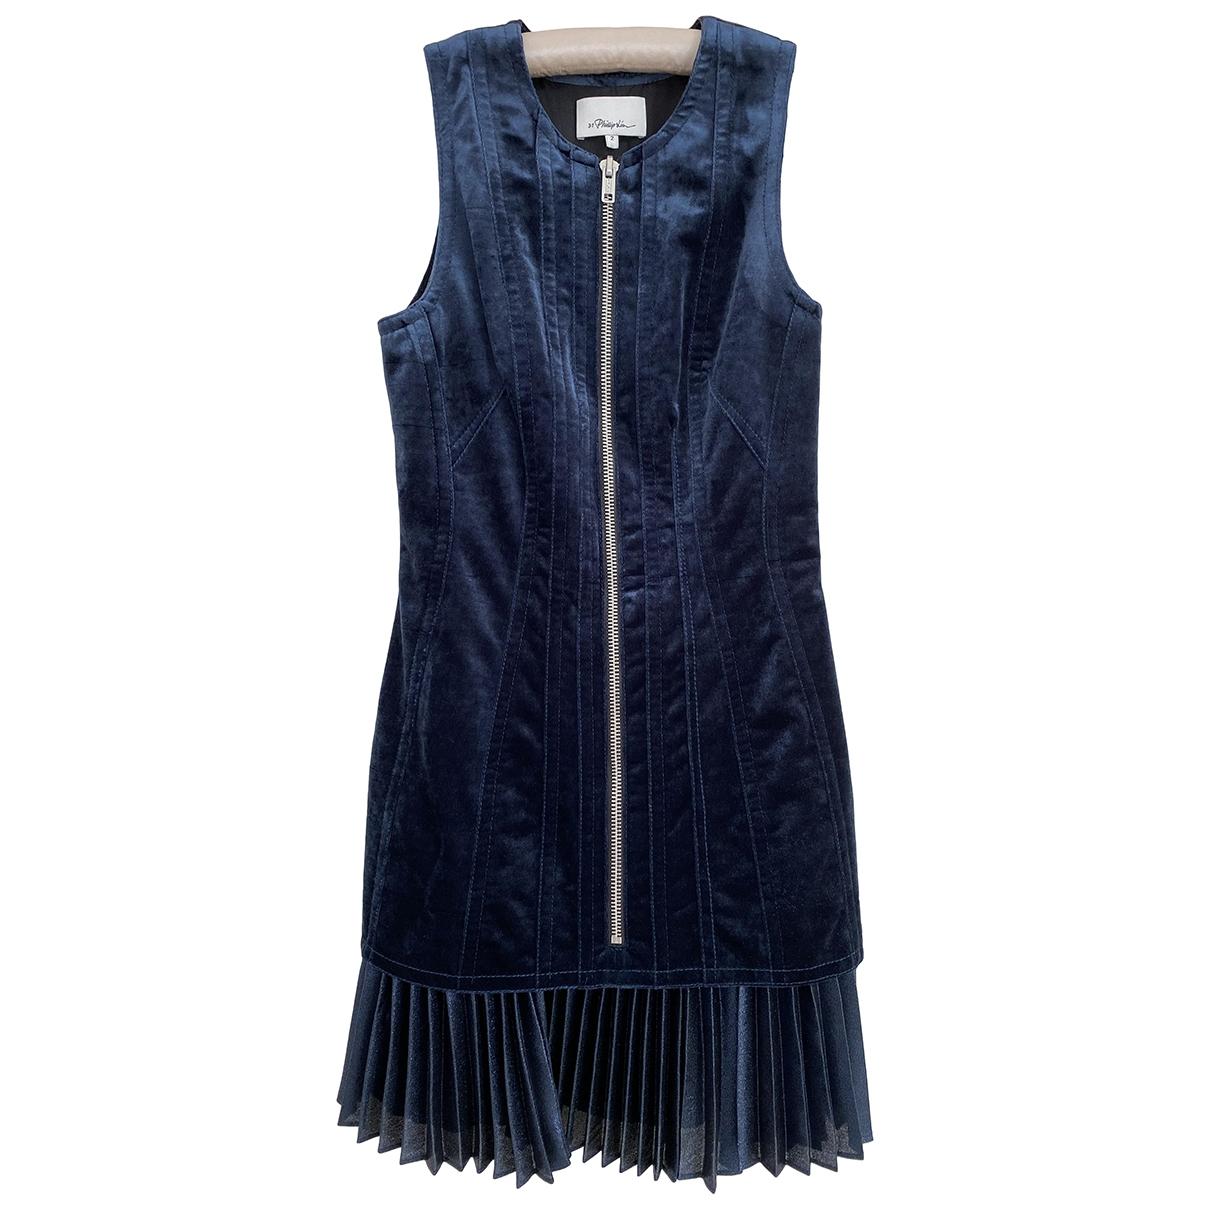 3.1 Phillip Lim \N Kleid in  Blau Polyester